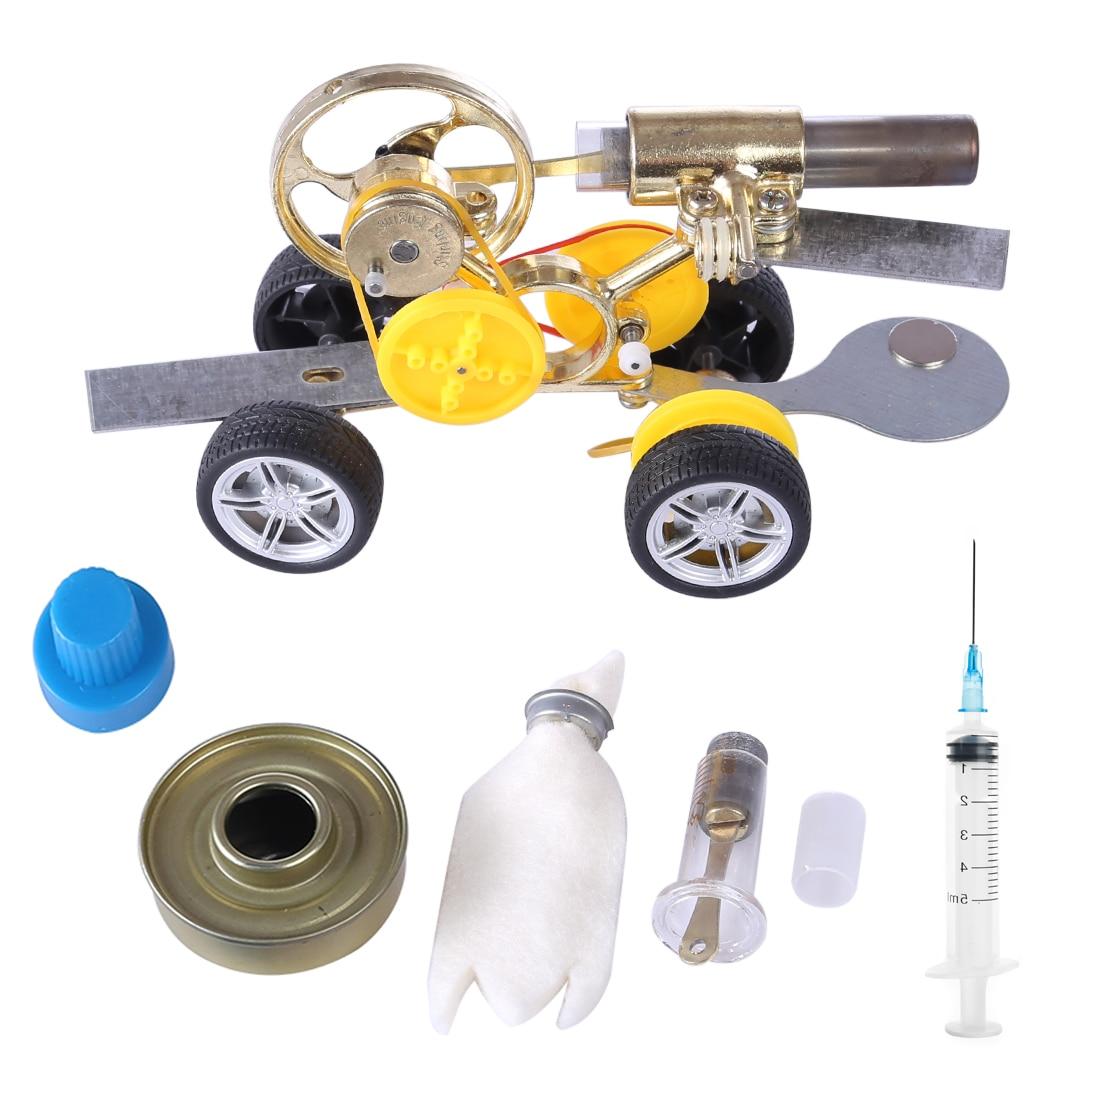 Stirling moteur conduite voiture modèle soutien enfants apprentissage Science ensemble classe enseignement jouet Kit apprentissage jouets pour enfants